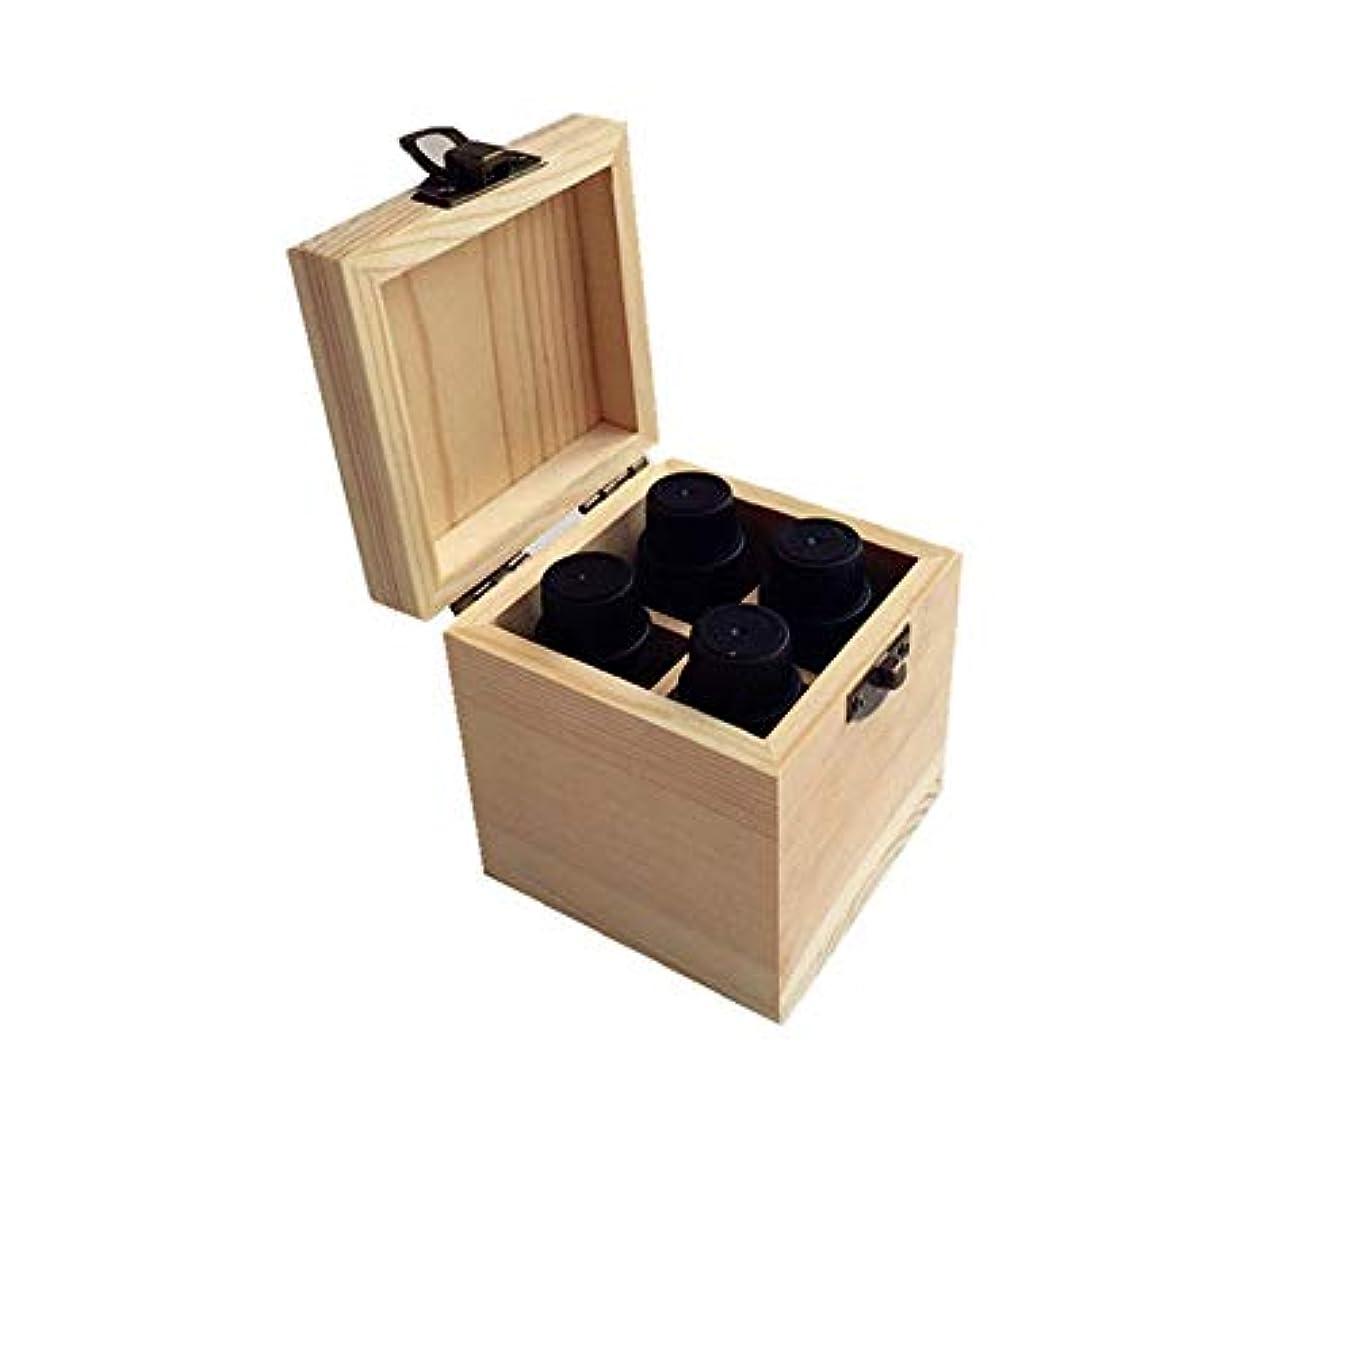 リムピッチャースタジアムエッセンシャルオイルの保管 4スロットの品質の木製エッセンシャルオイルストレージボックス (色 : Natural, サイズ : 8X8X9CM)